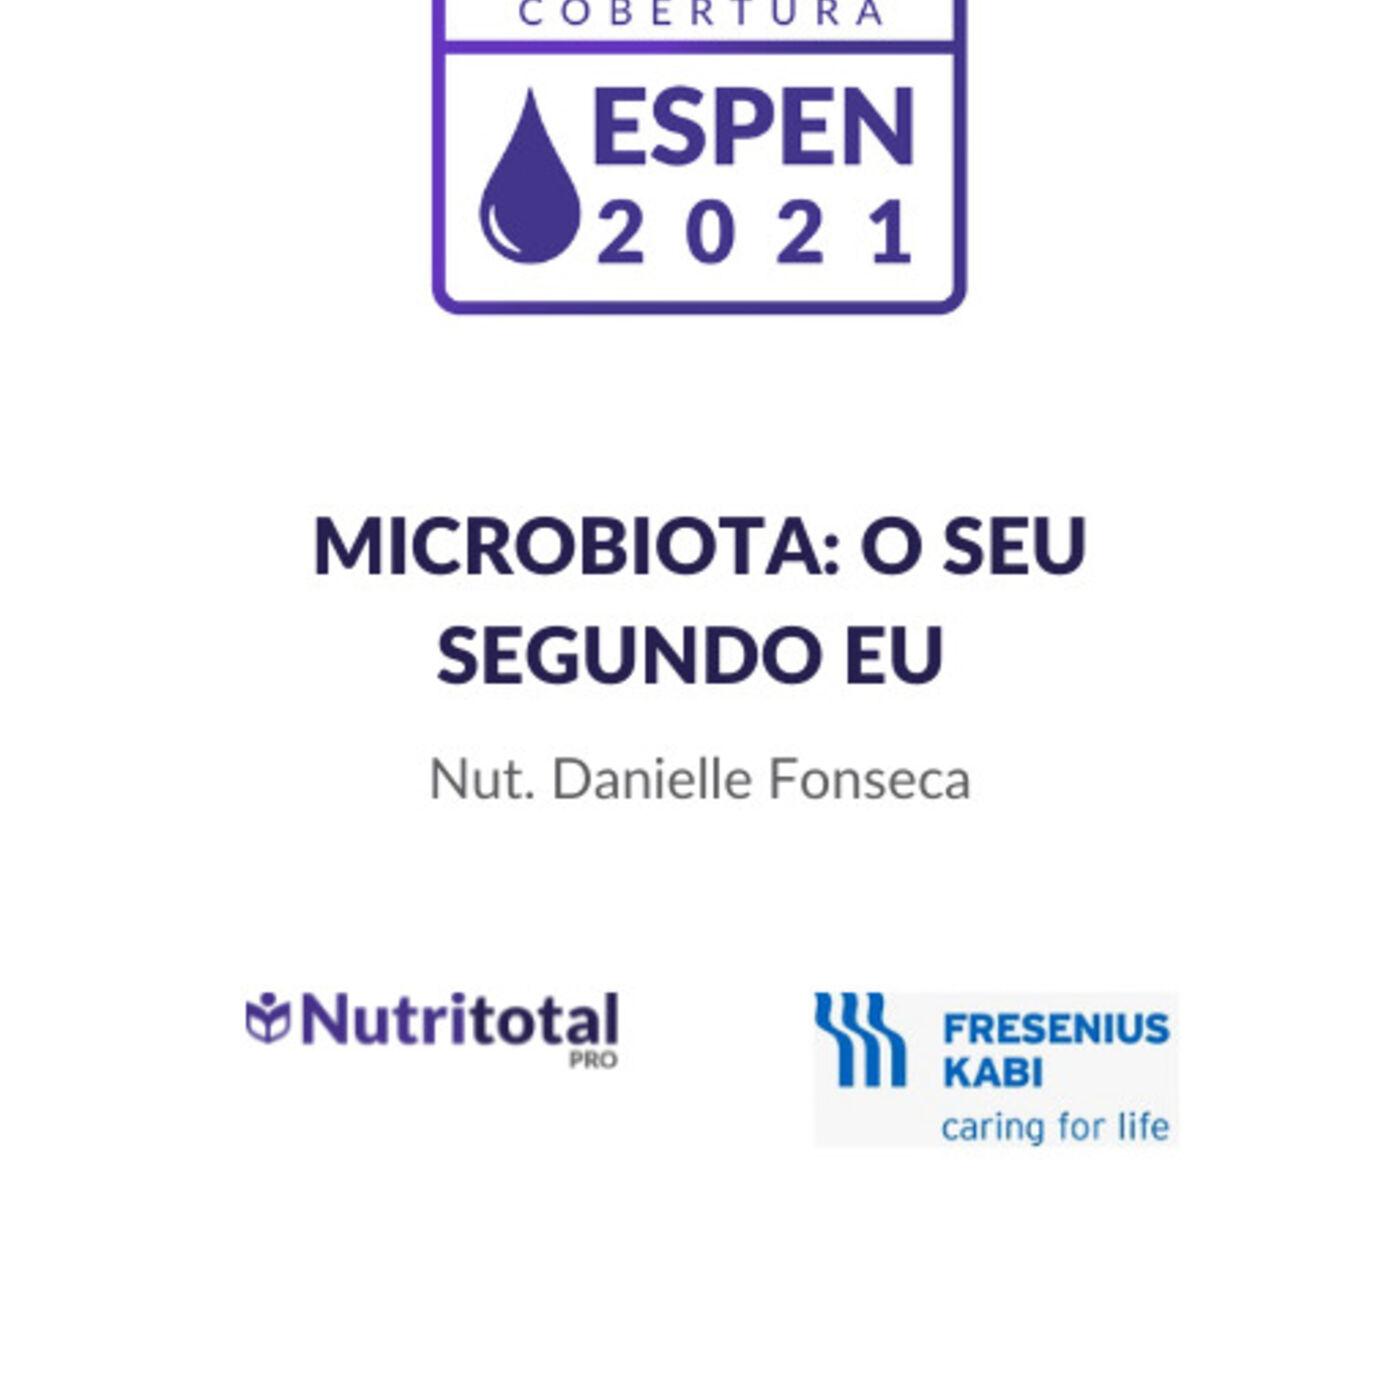 Congresso ESPEN 2021: Microbiota - o seu segundo eu